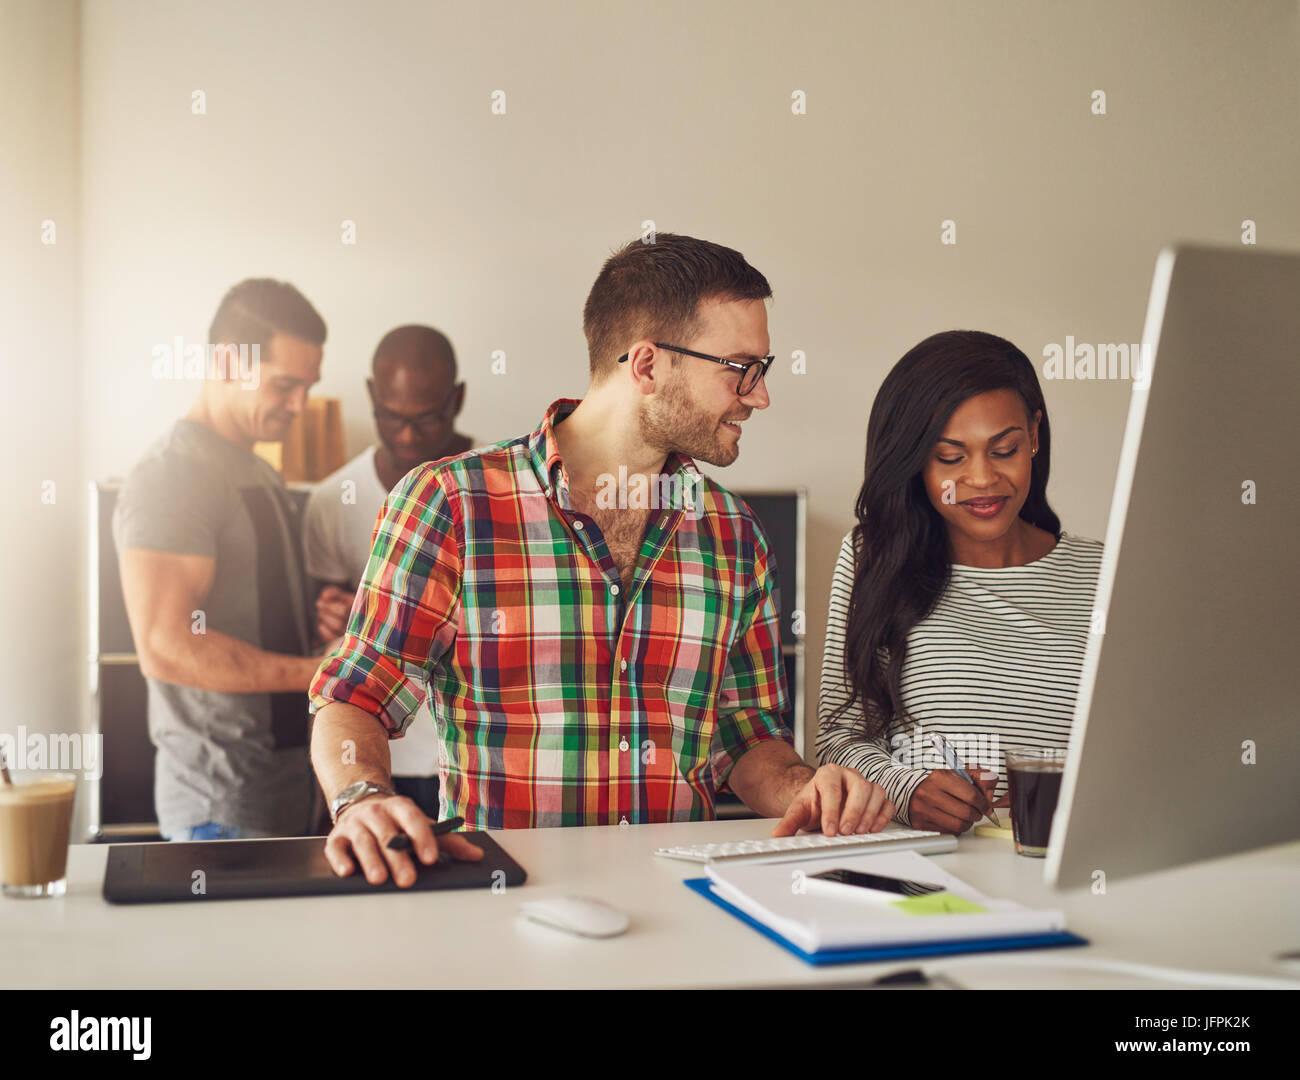 Das Team im Büro am Computer schreiben der Noten während der Konferenz. Stockbild